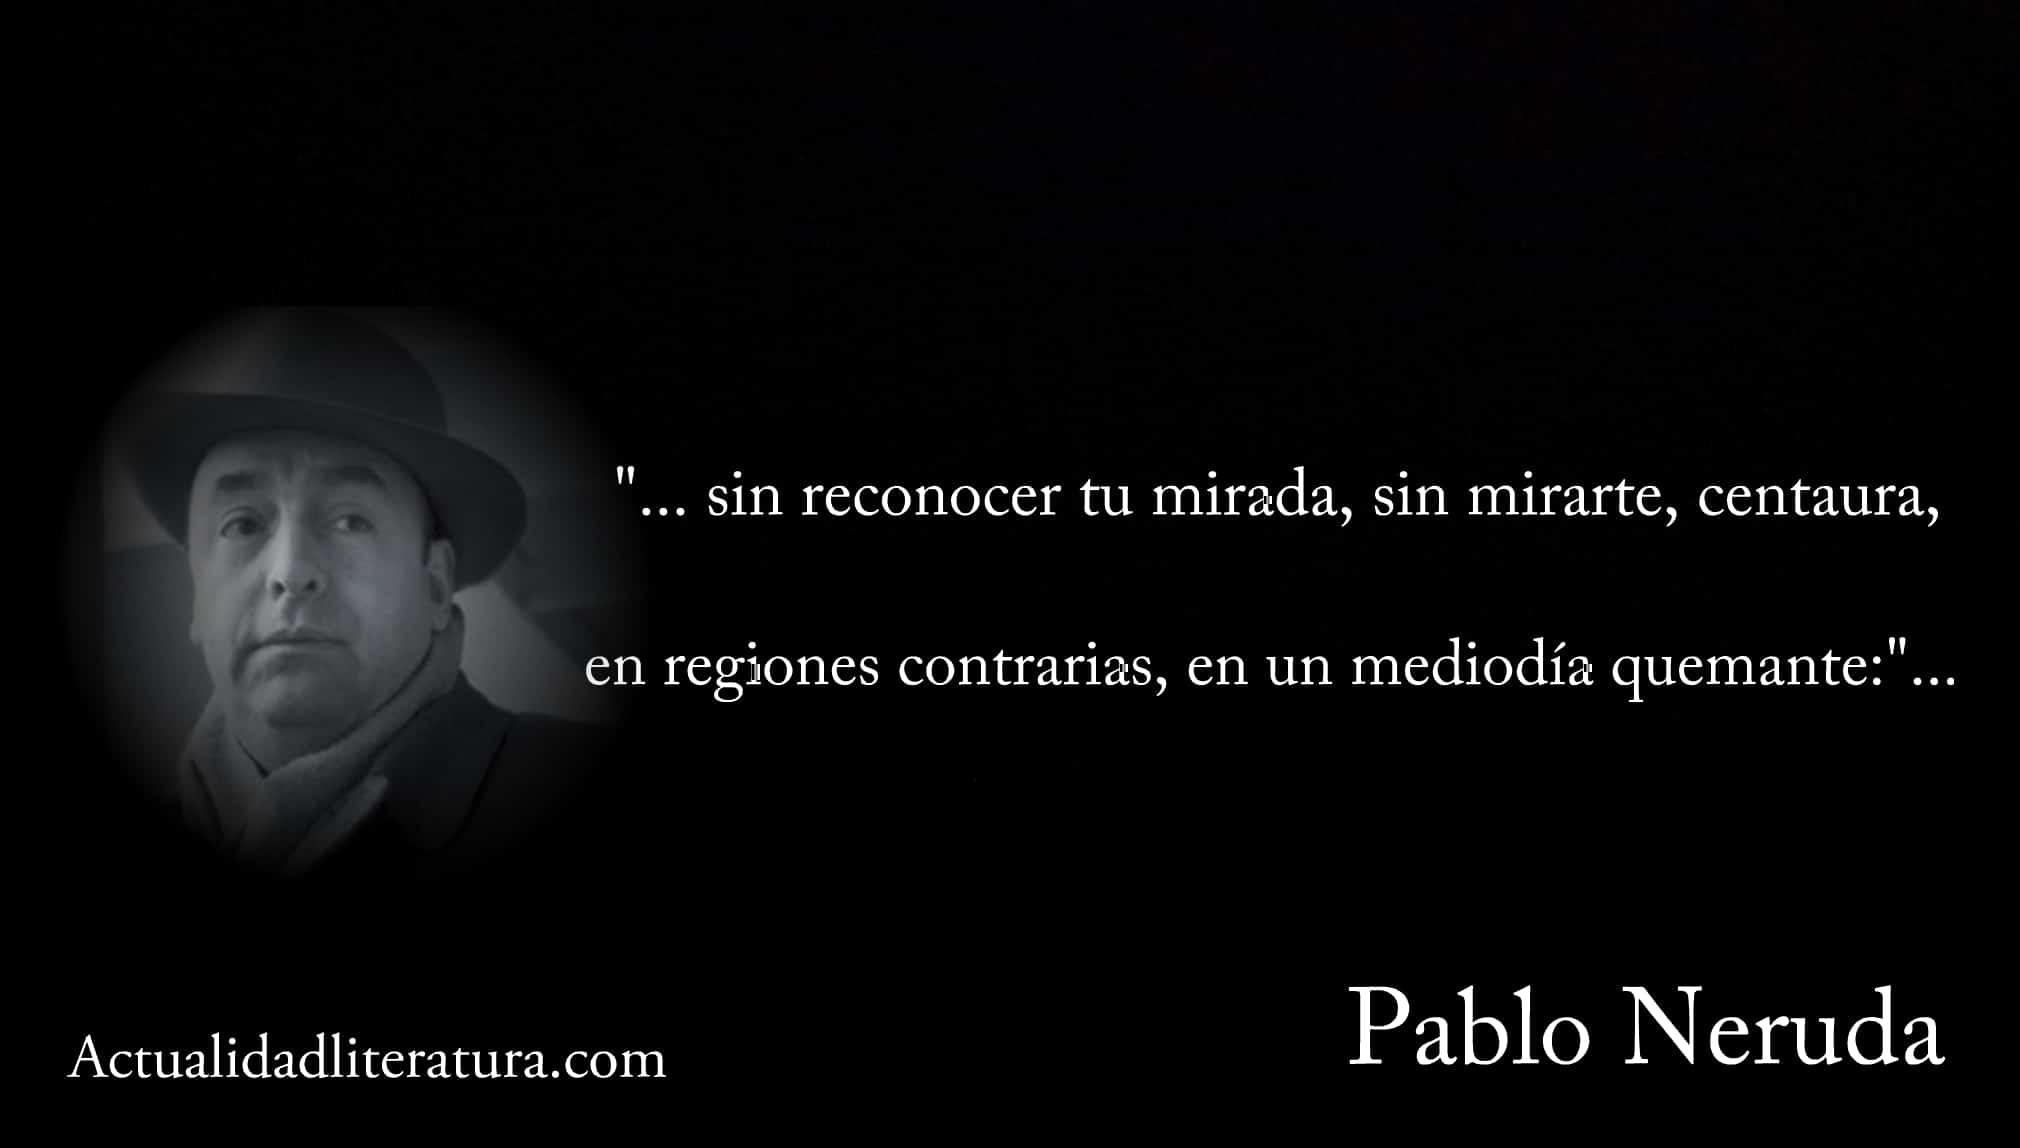 Metonimia en la poesía de Pablo Neruda.